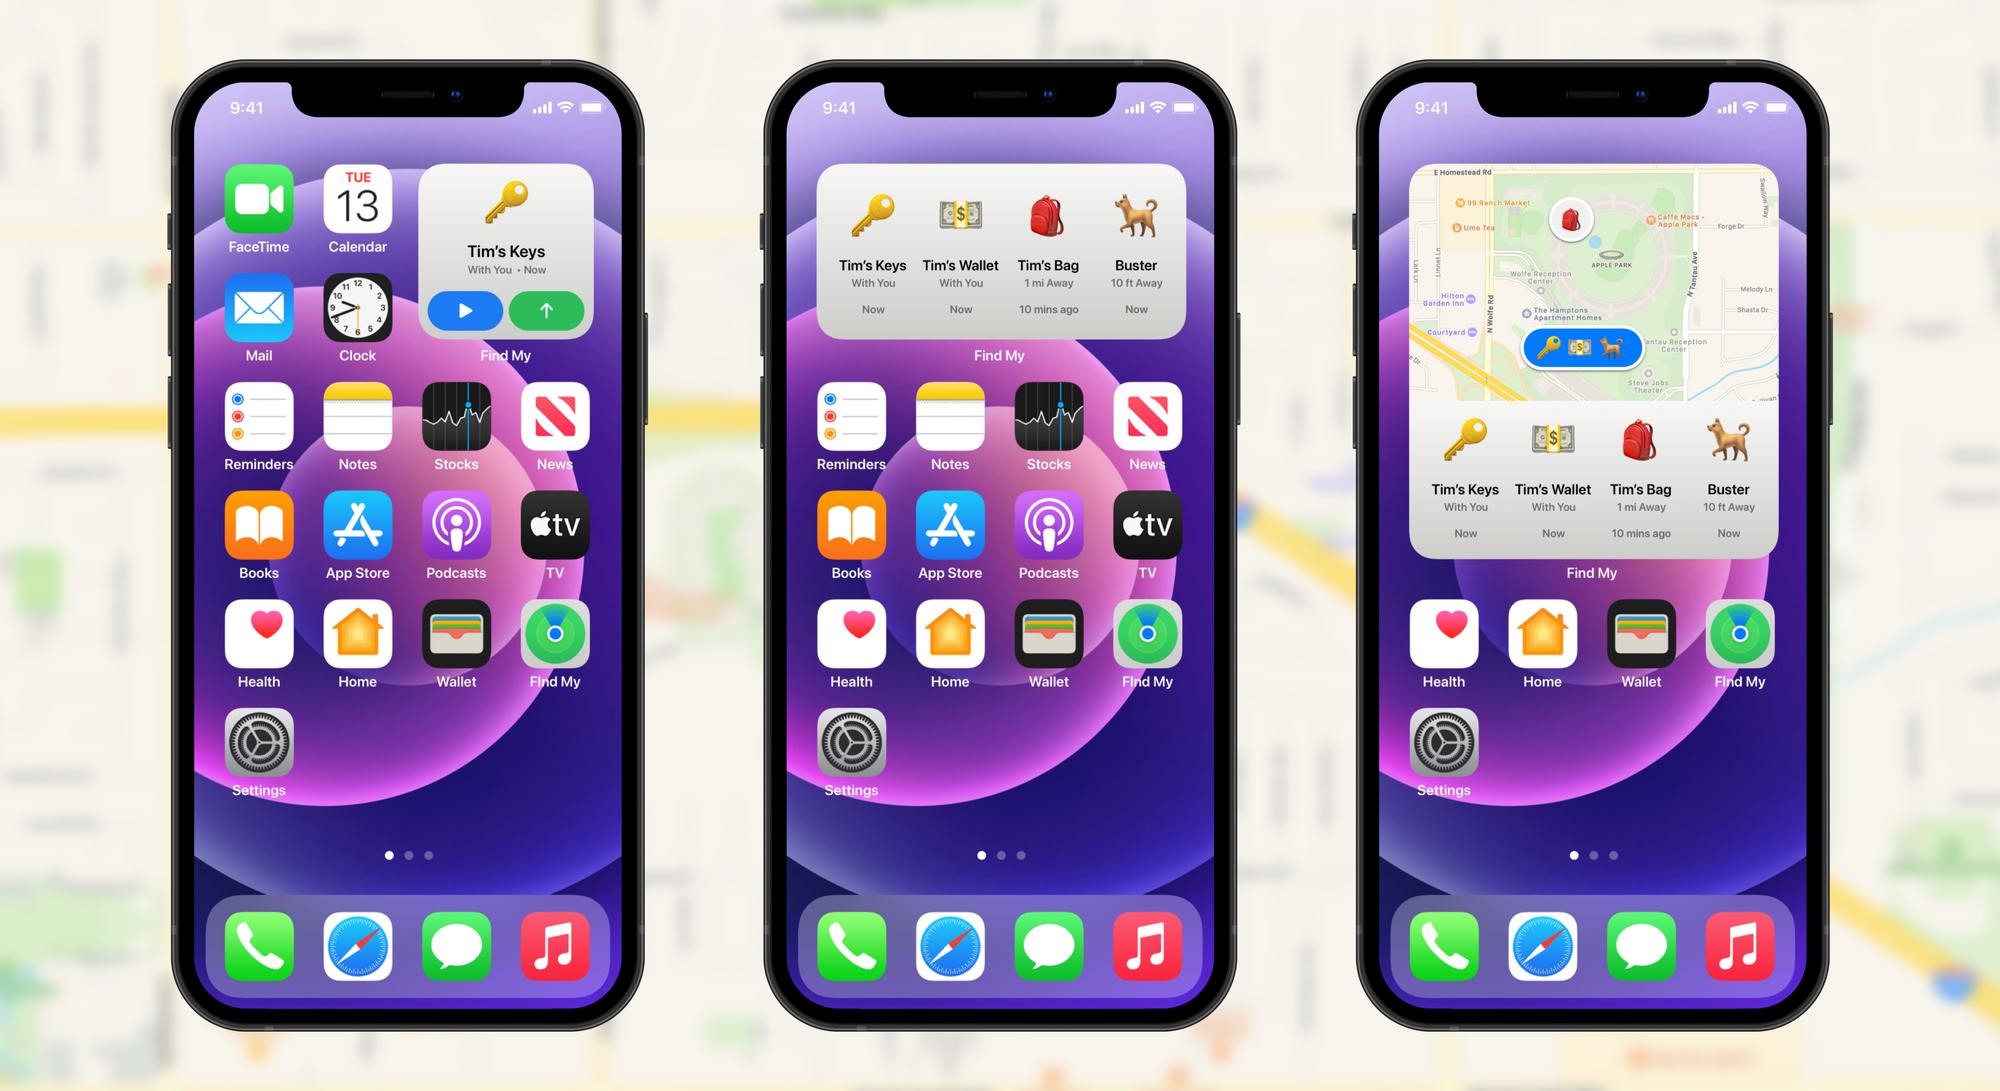 Widget da app Encontrar com objetos no ecrã principal do iPhone